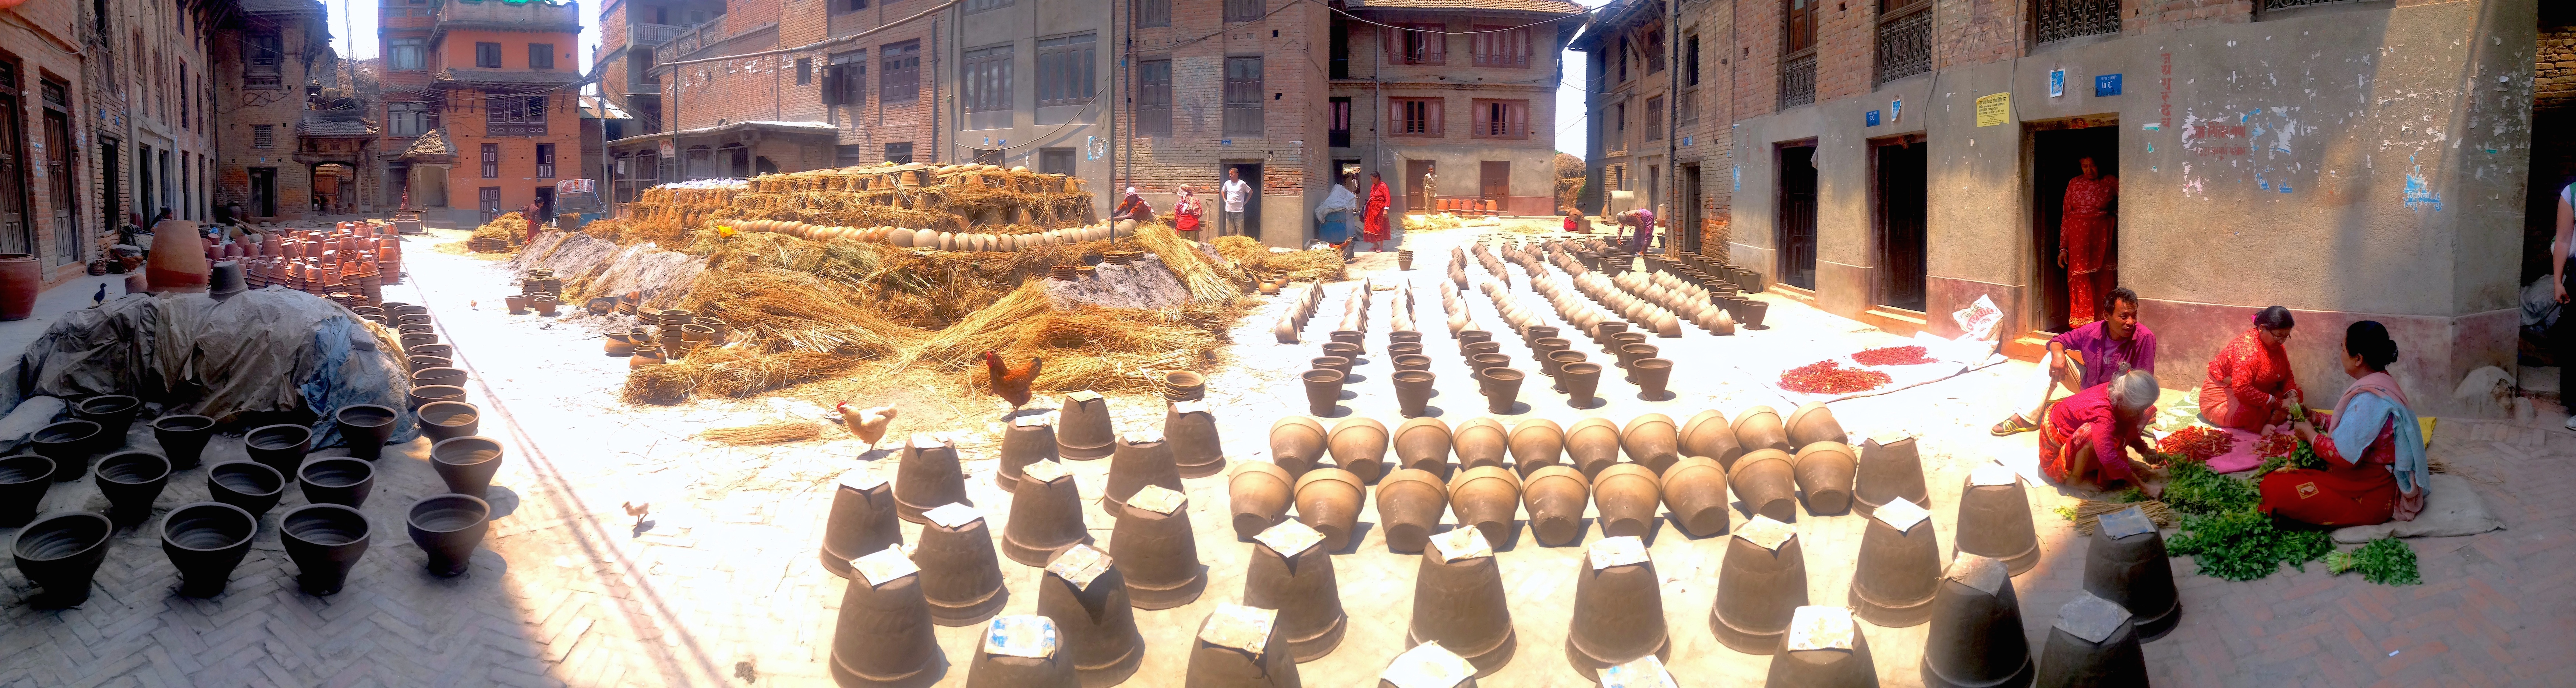 Il forno gigantesco creato in piazza per cuocere i vasi di tutto il paese